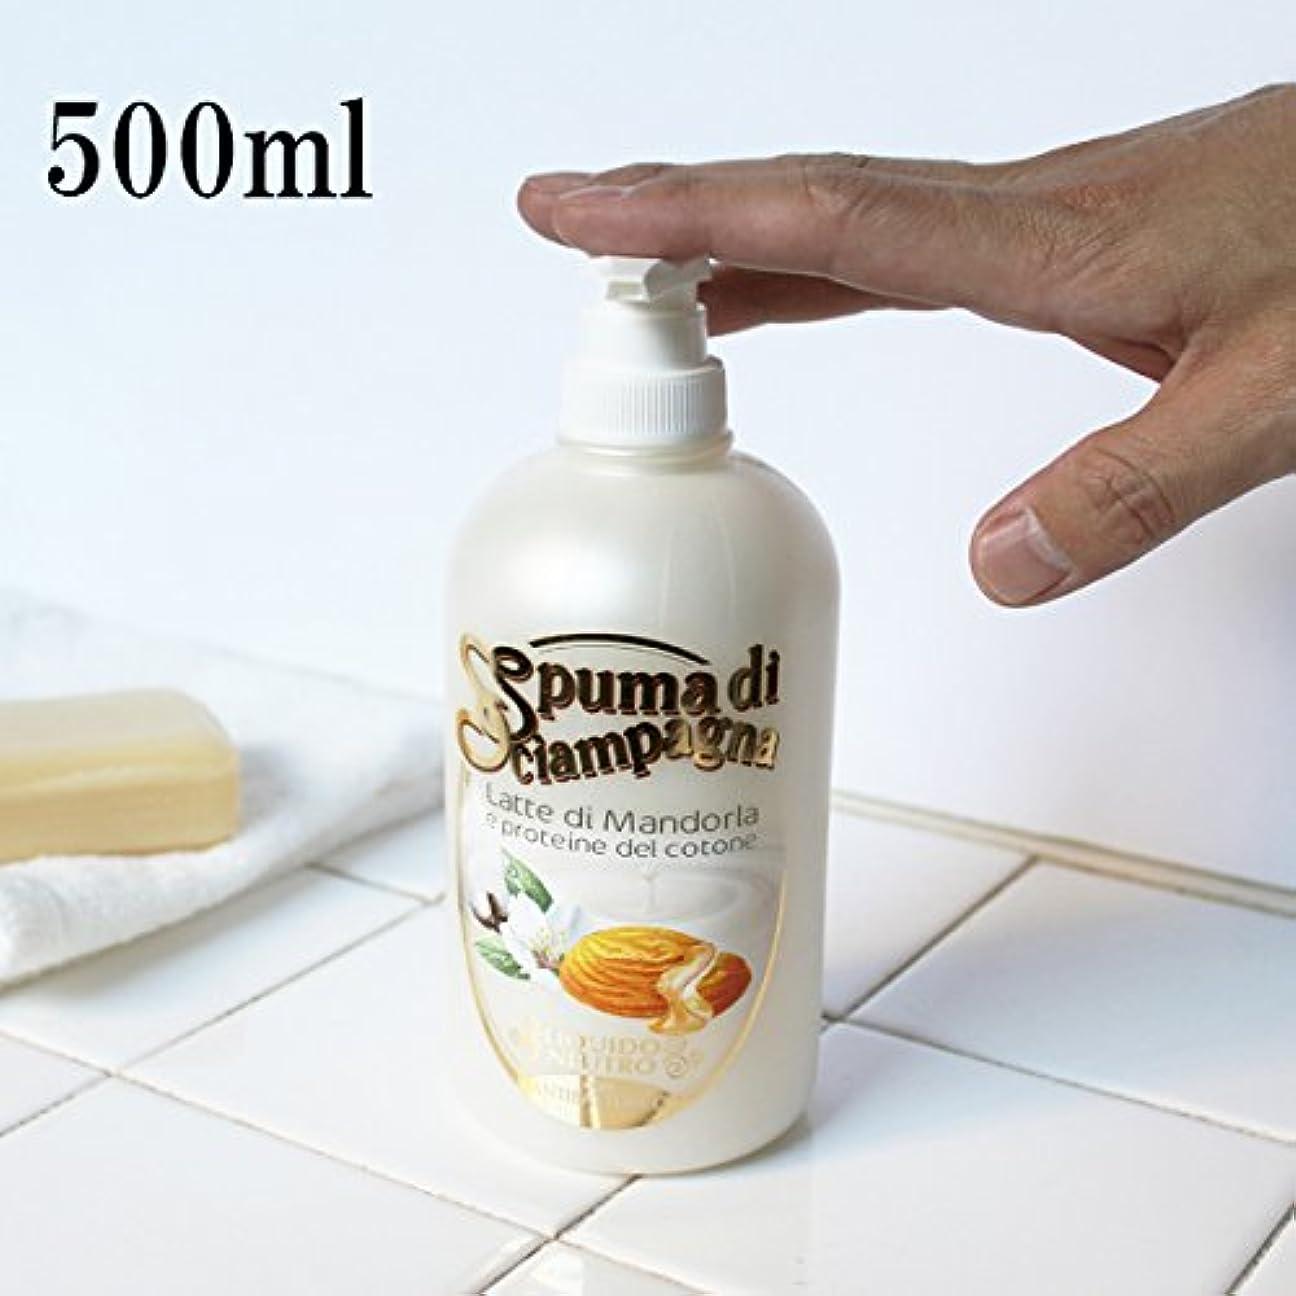 インスタンス相談女優Spuma di Sciampagna (スプーマ ディ シャンパーニャ) リキッドソープ 500ml アーモンドの香り